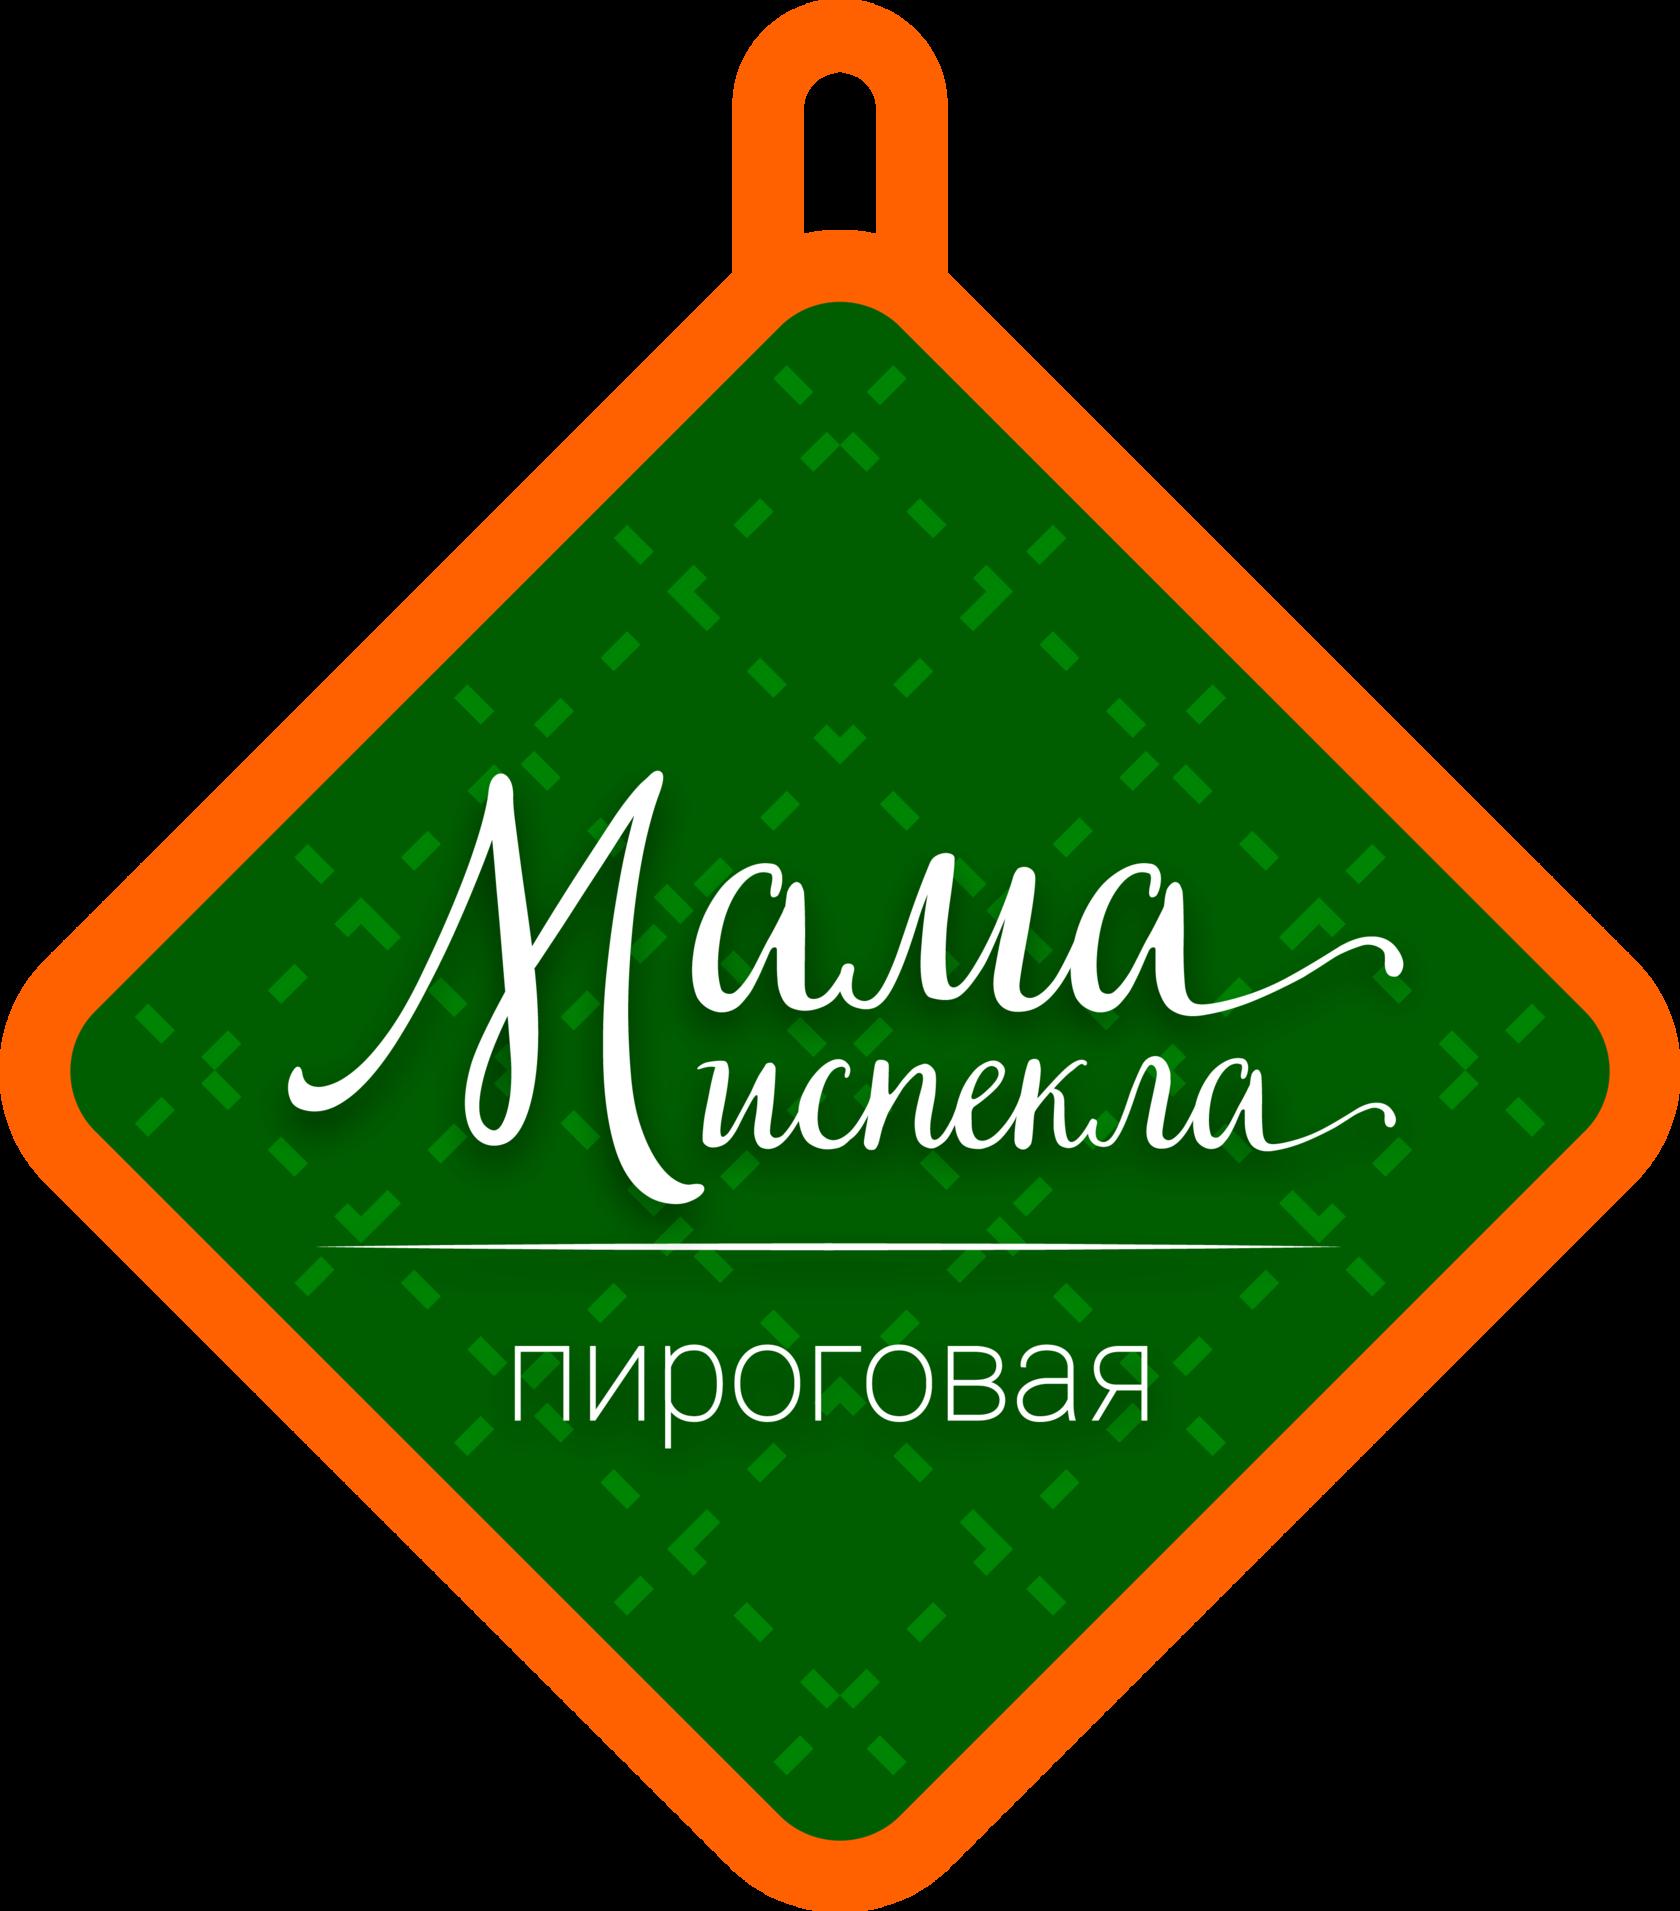 Пироговая №1 в Барнауле